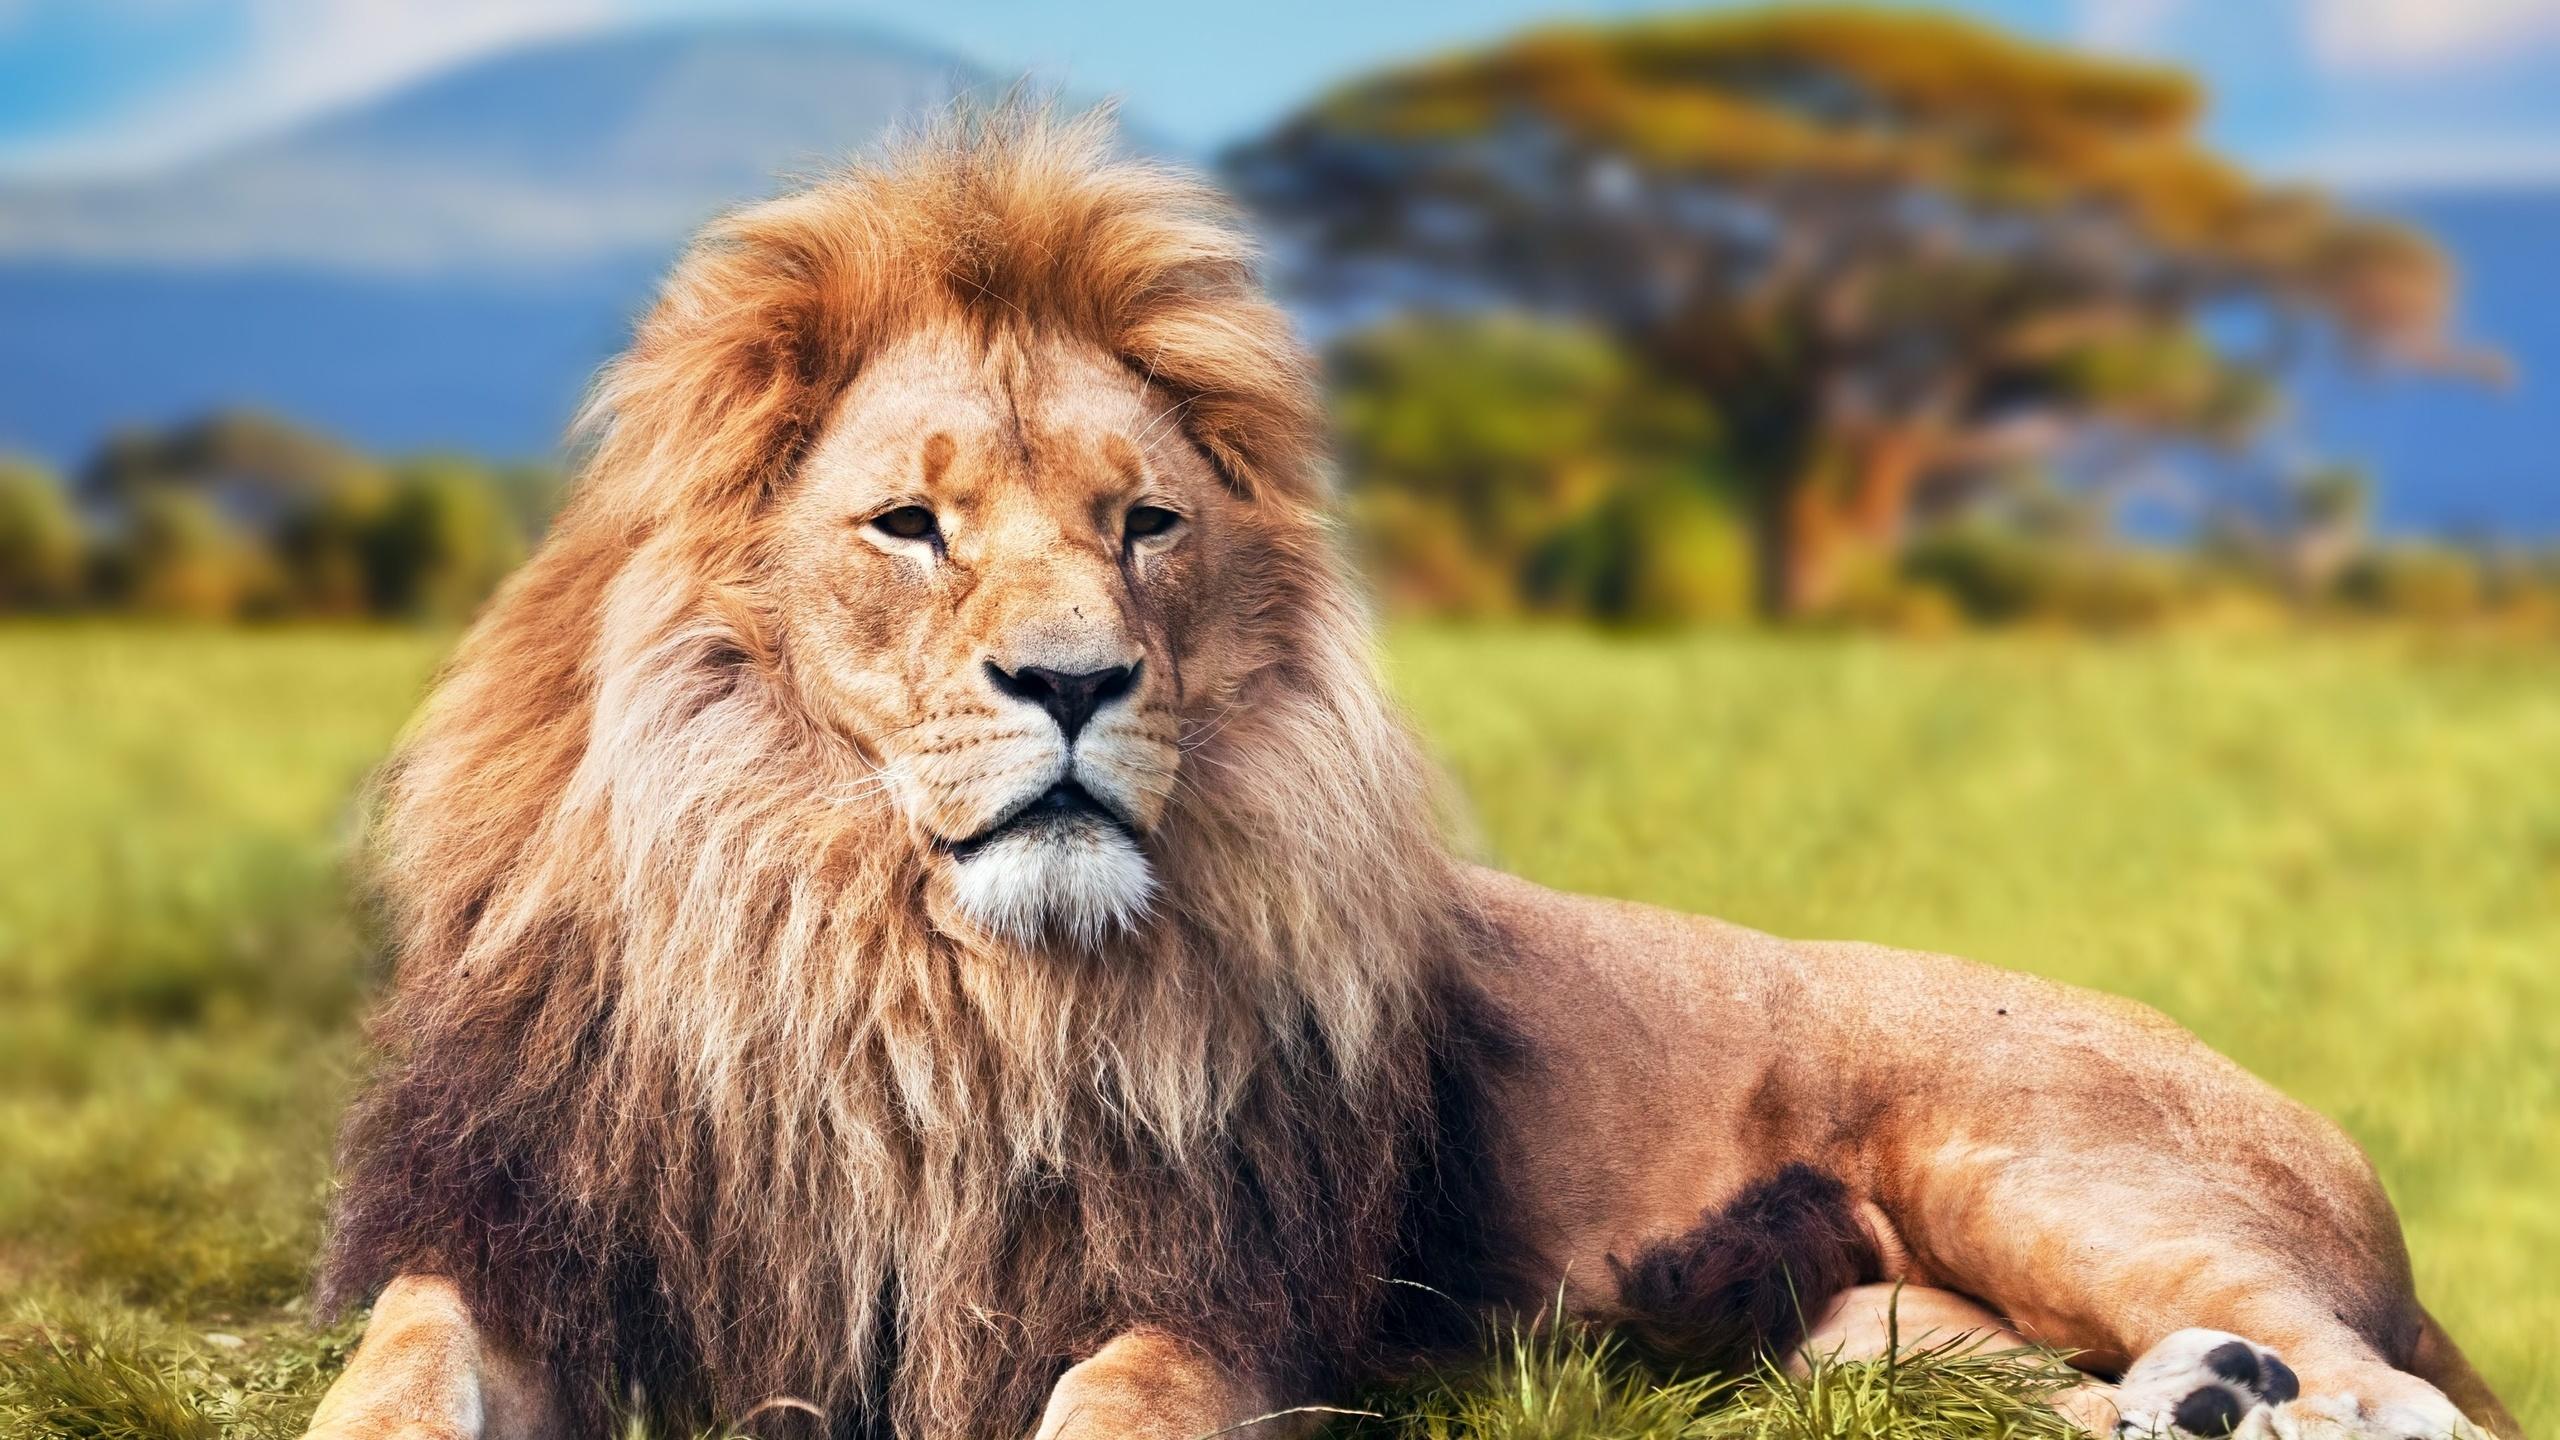 это интересные картинки льва виновников торжества